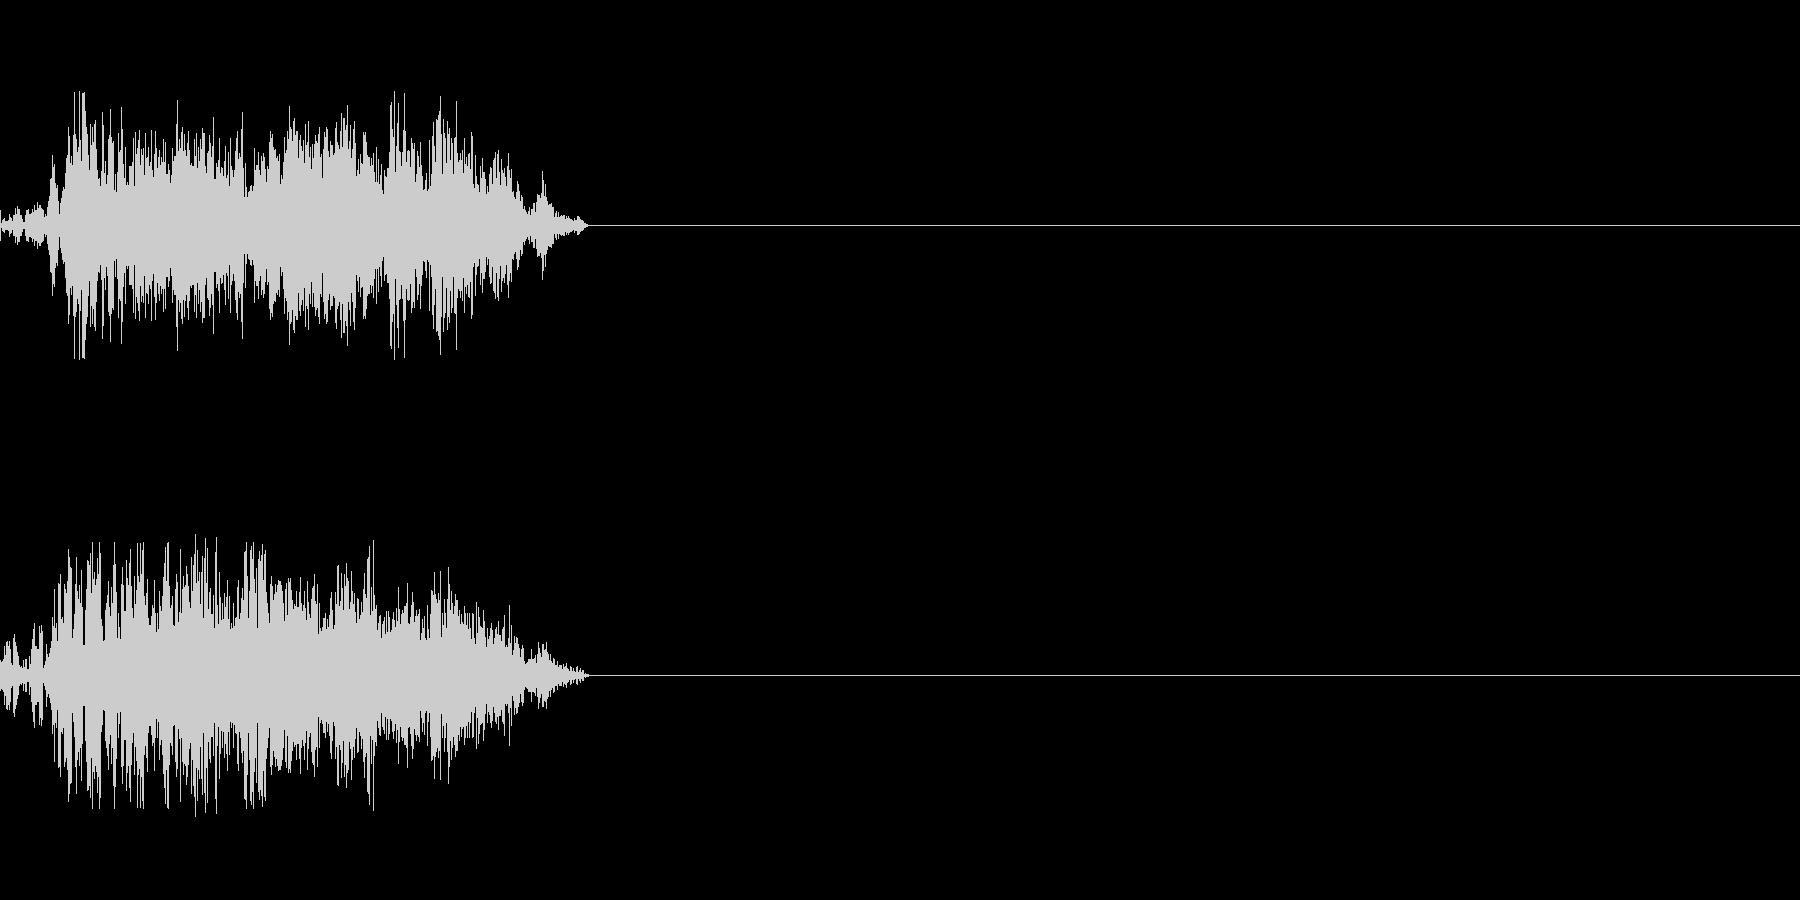 刀での攻撃の未再生の波形